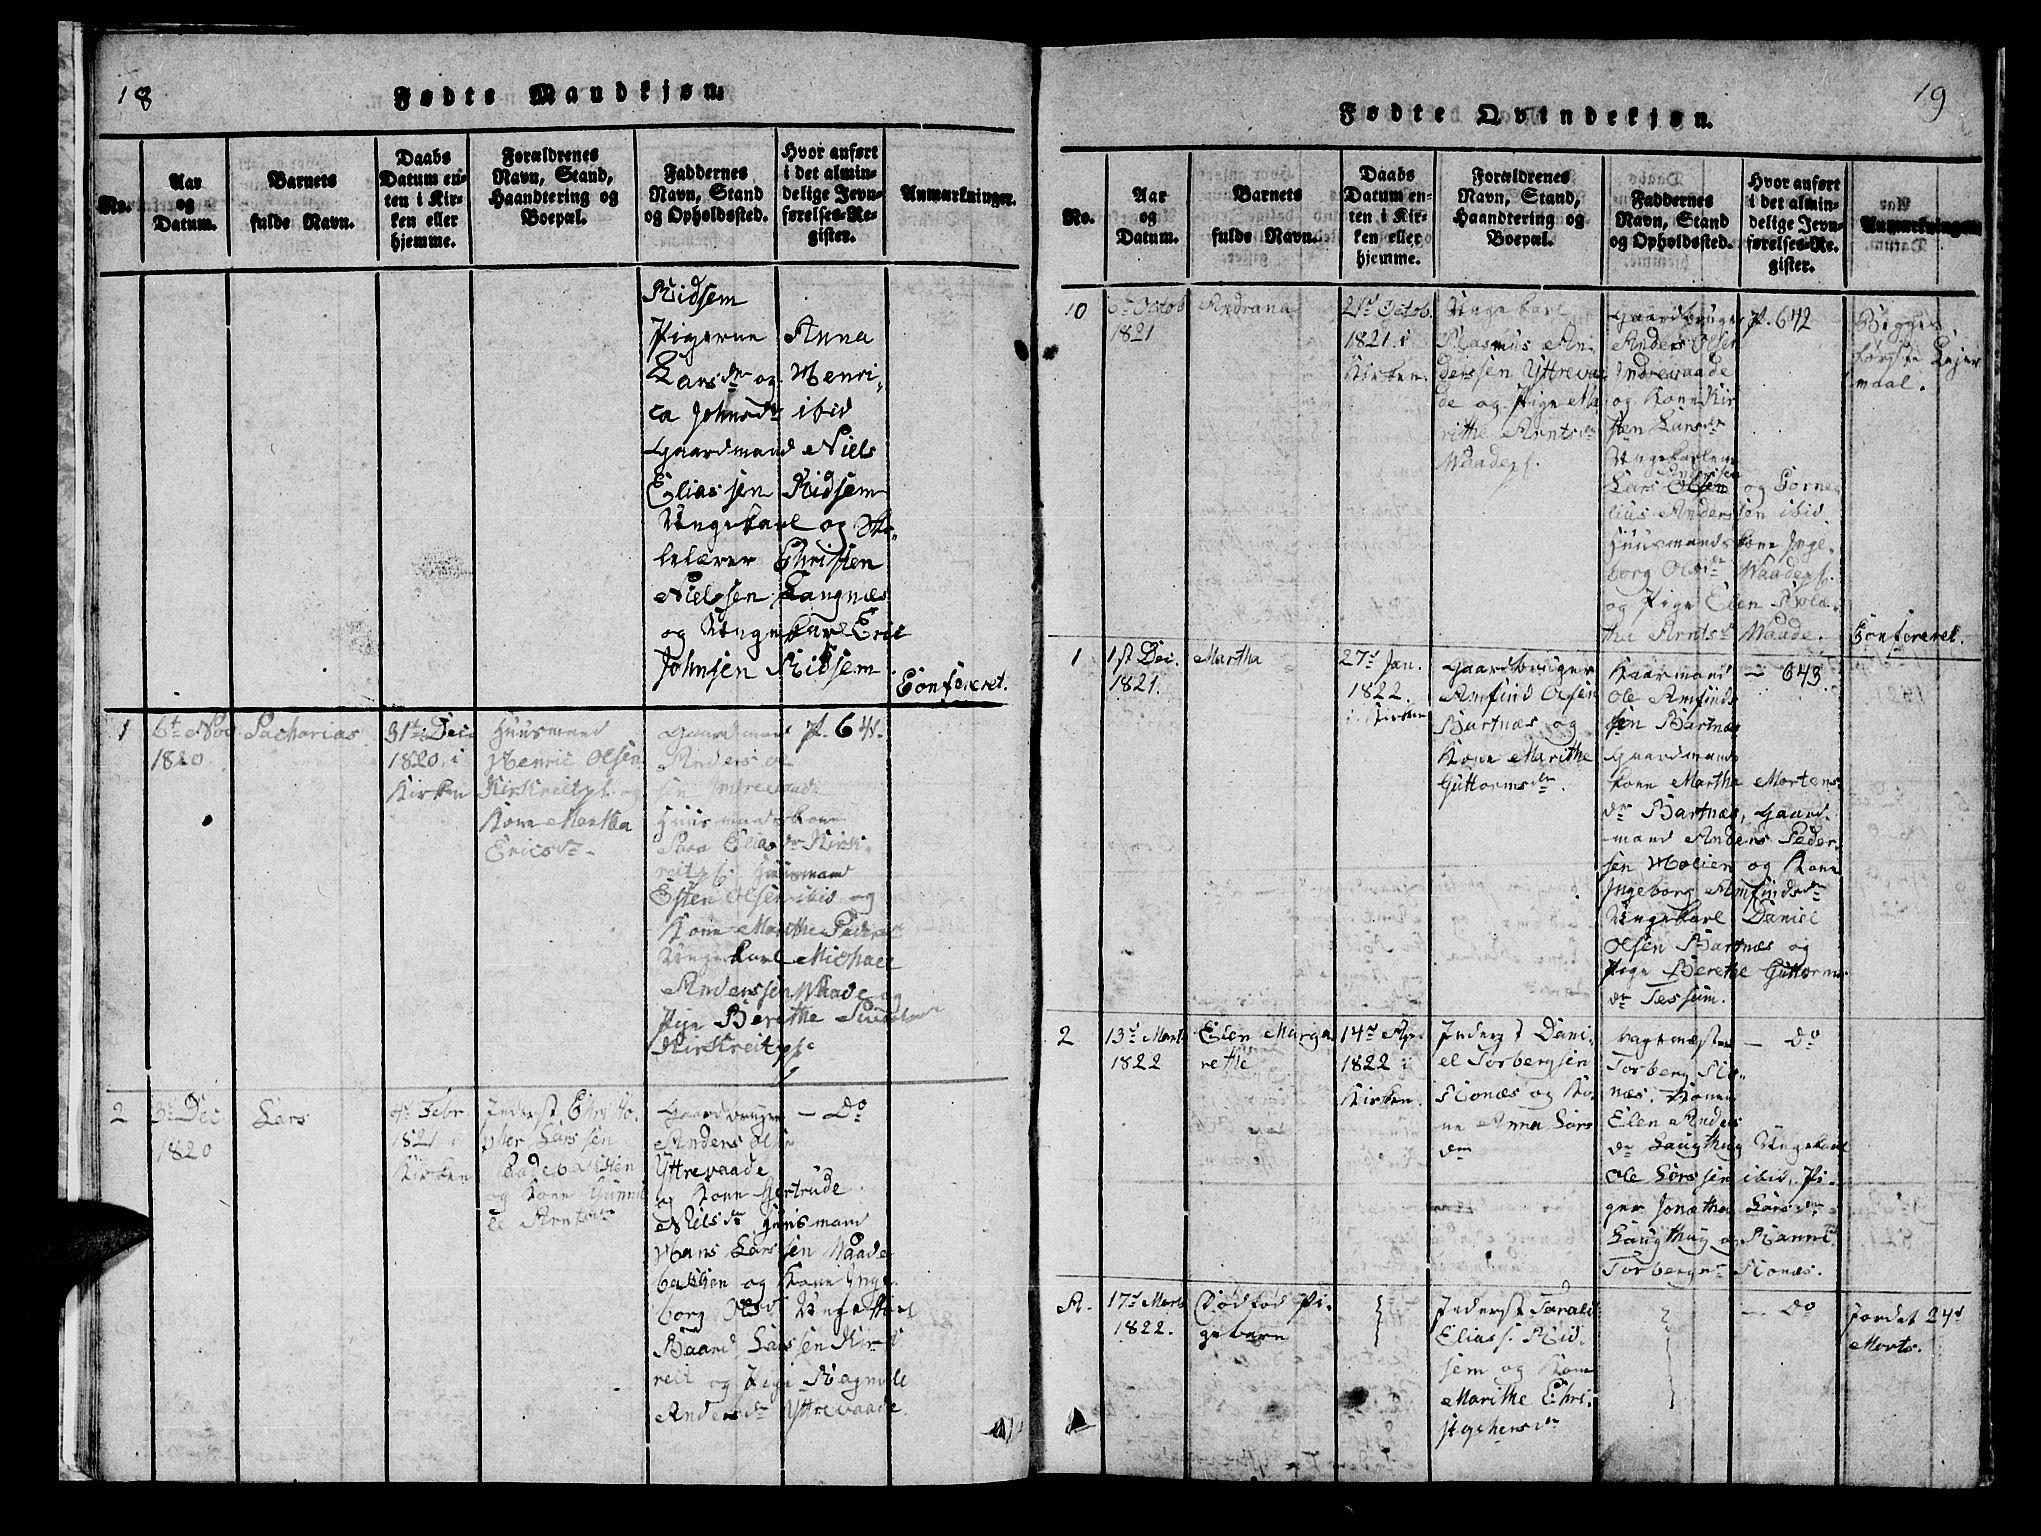 SAT, Ministerialprotokoller, klokkerbøker og fødselsregistre - Nord-Trøndelag, 745/L0433: Klokkerbok nr. 745C02, 1817-1825, s. 18-19